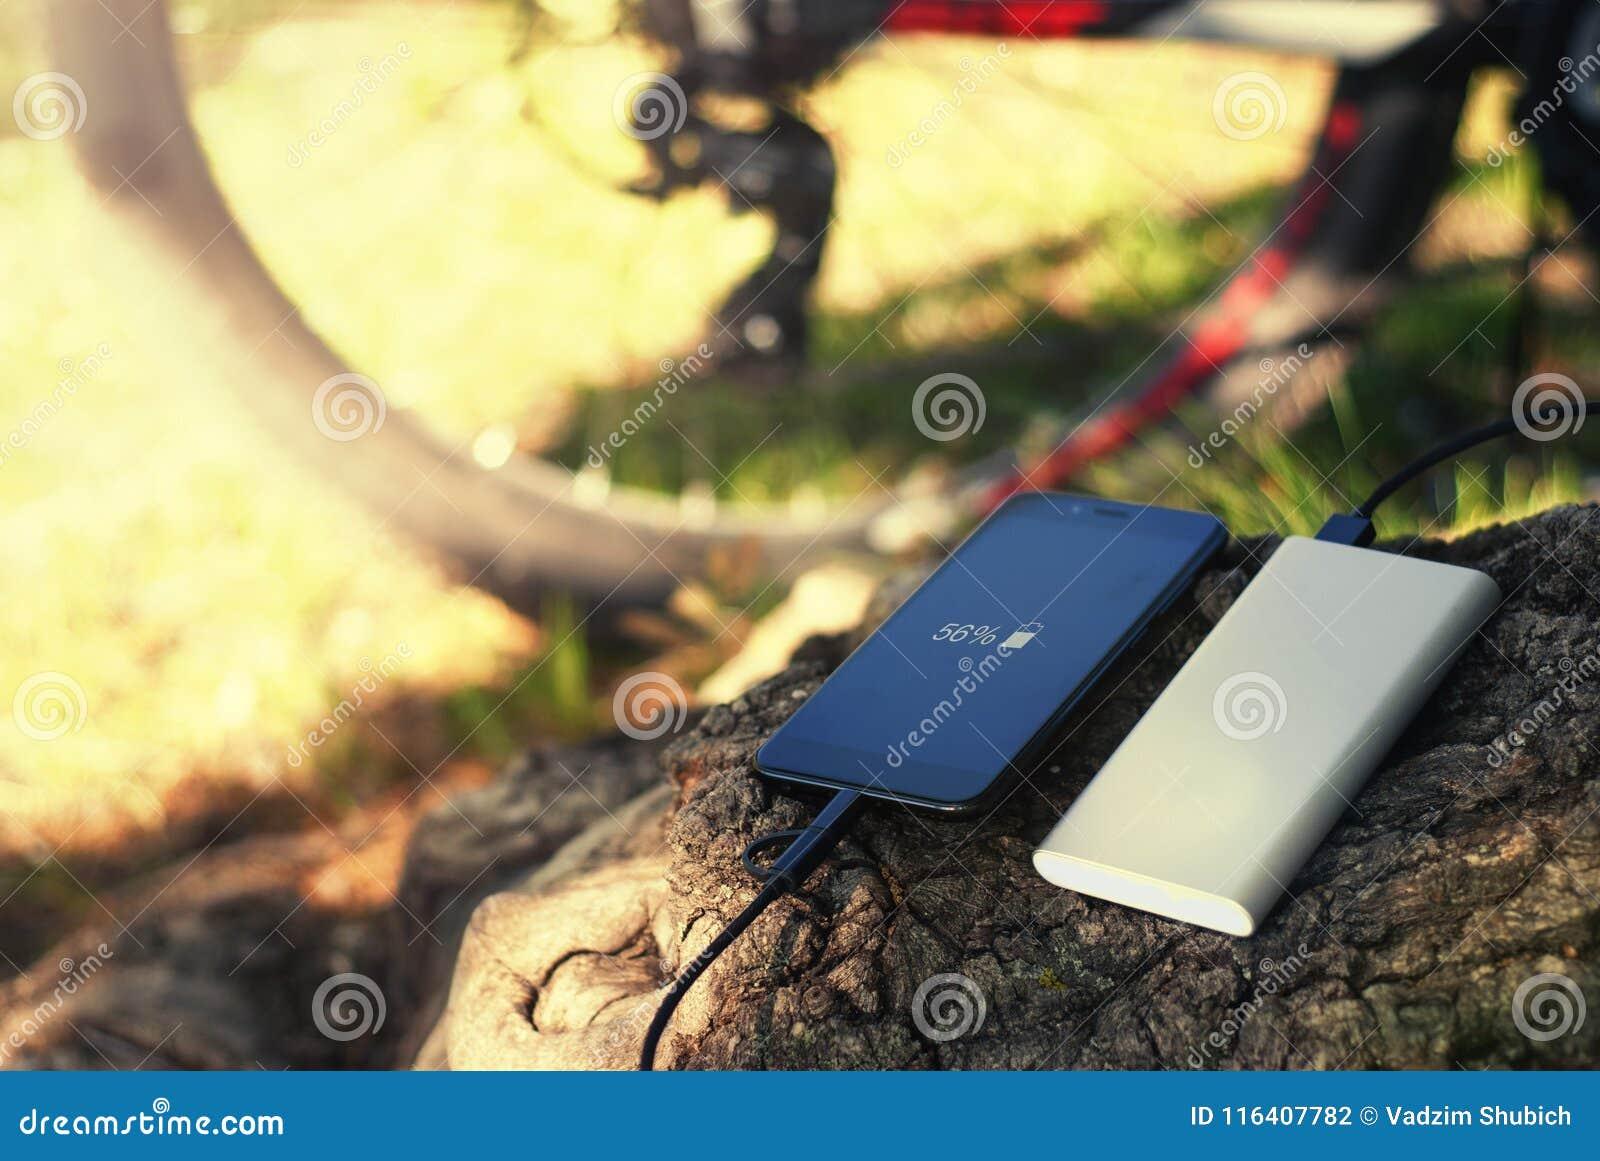 Un caricatore portatile fa pagare lo smartphone Alimenti la Banca con cavo contro lo sfondo di legno e della bicicletta